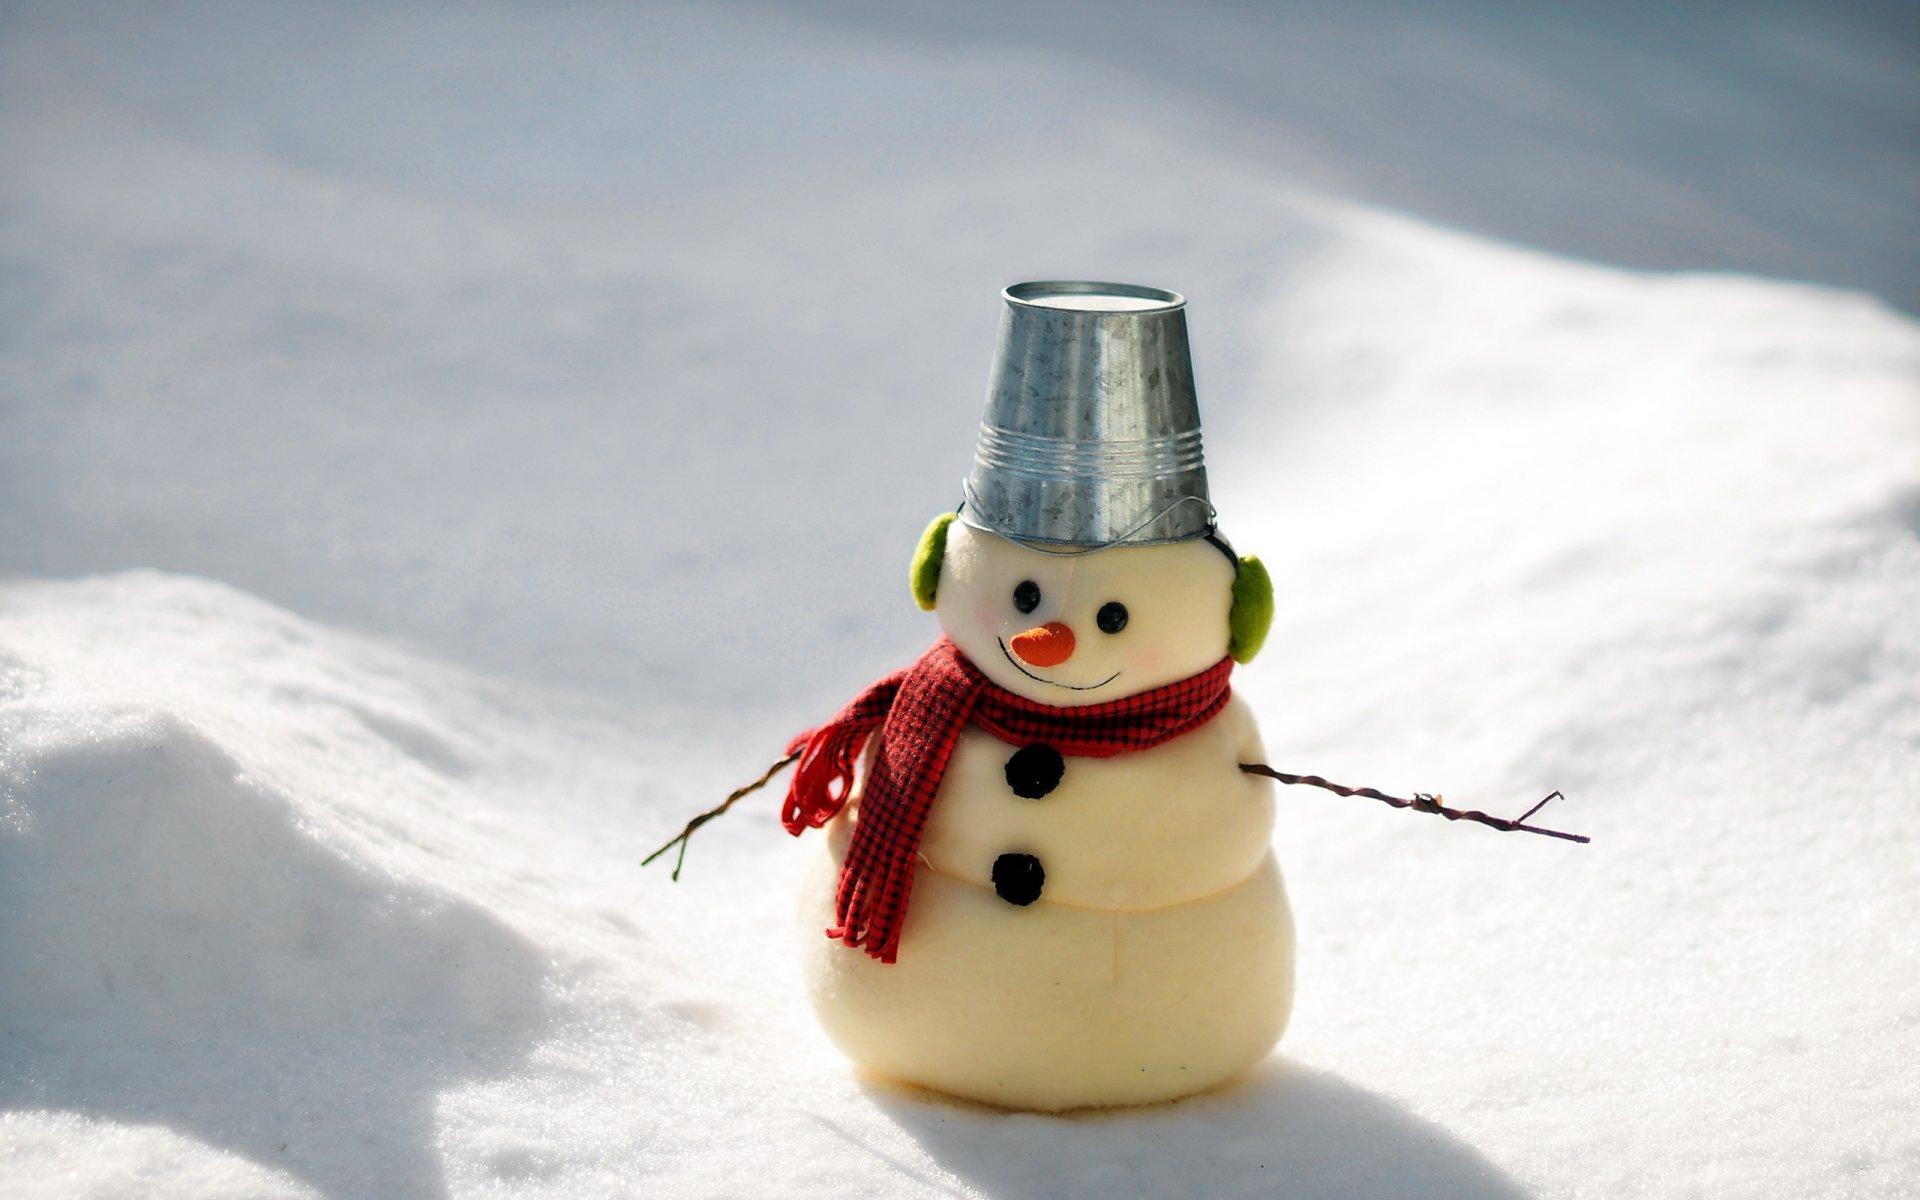 Картинки прикольных снеговиков, конец рабочего дня